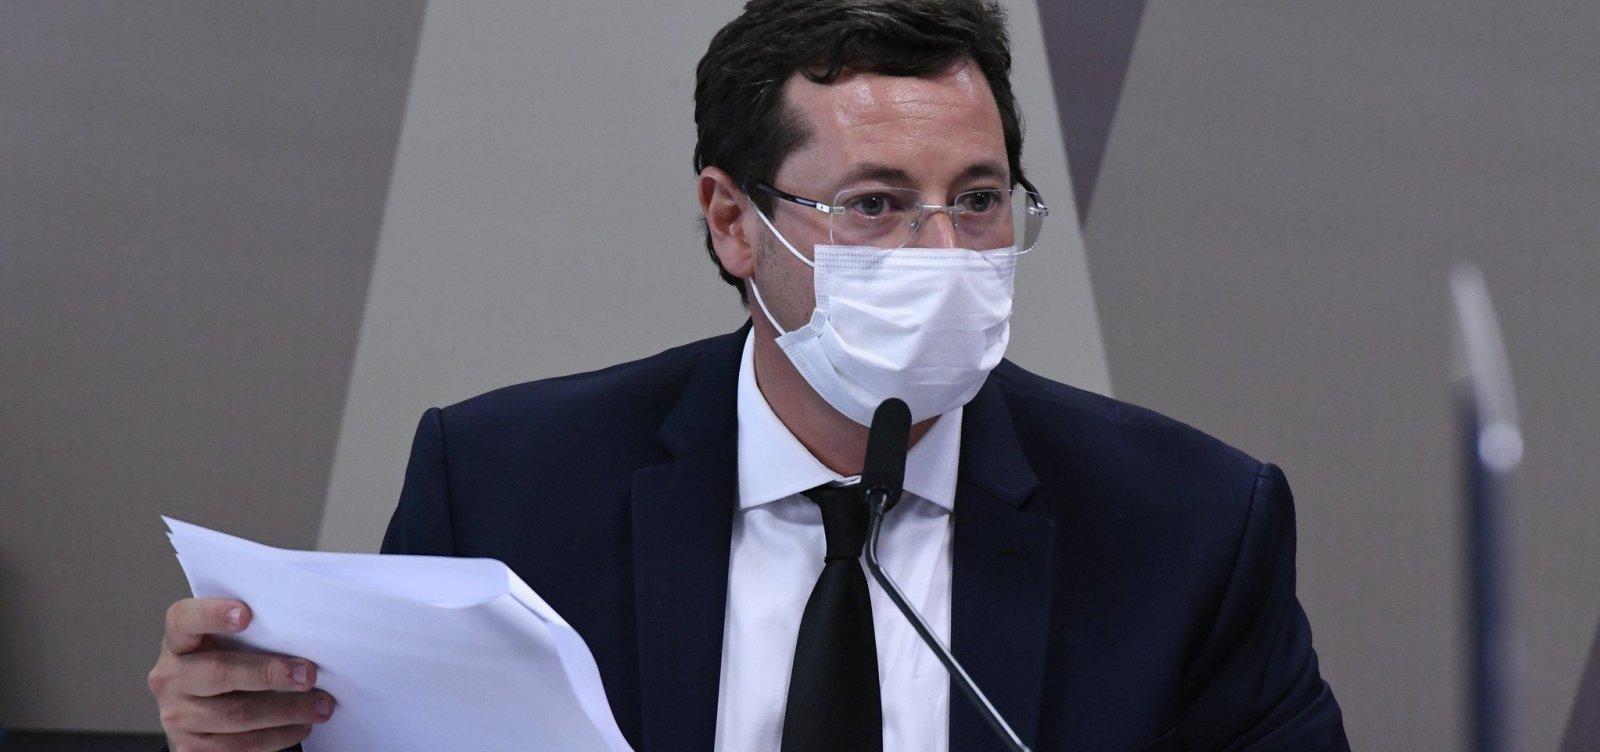 Questionado sobre frases de Bolsonaro contra vacinas, Wajngarten responde 'pergunte a ele' e irrita senadores